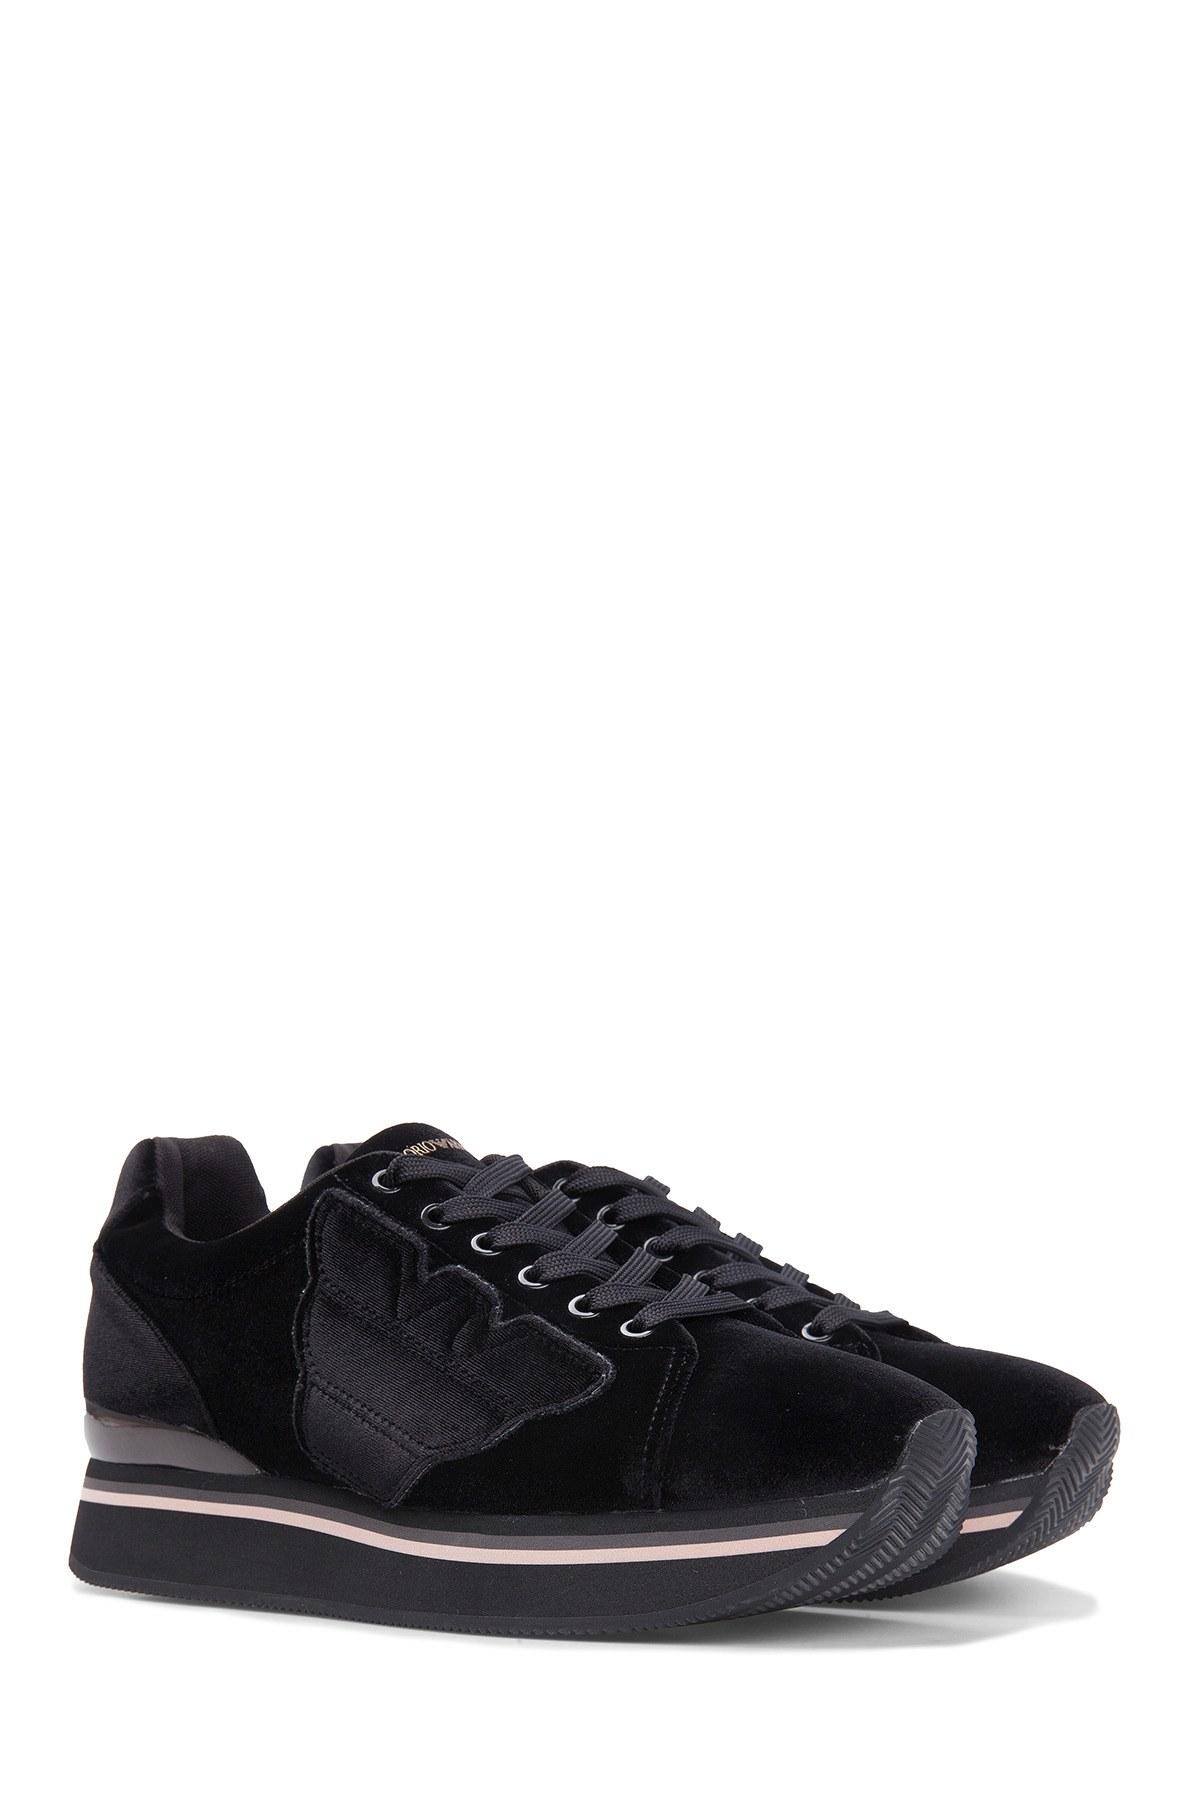 Emporio Armani Kadın Ayakkabı X3X057 XD163 00002 SİYAH